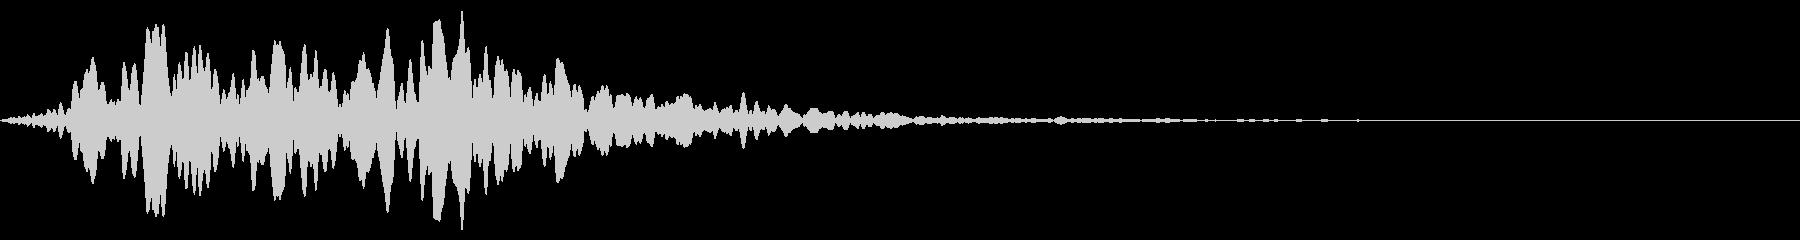 ソナー:リバーブ付きシングルロング...の未再生の波形